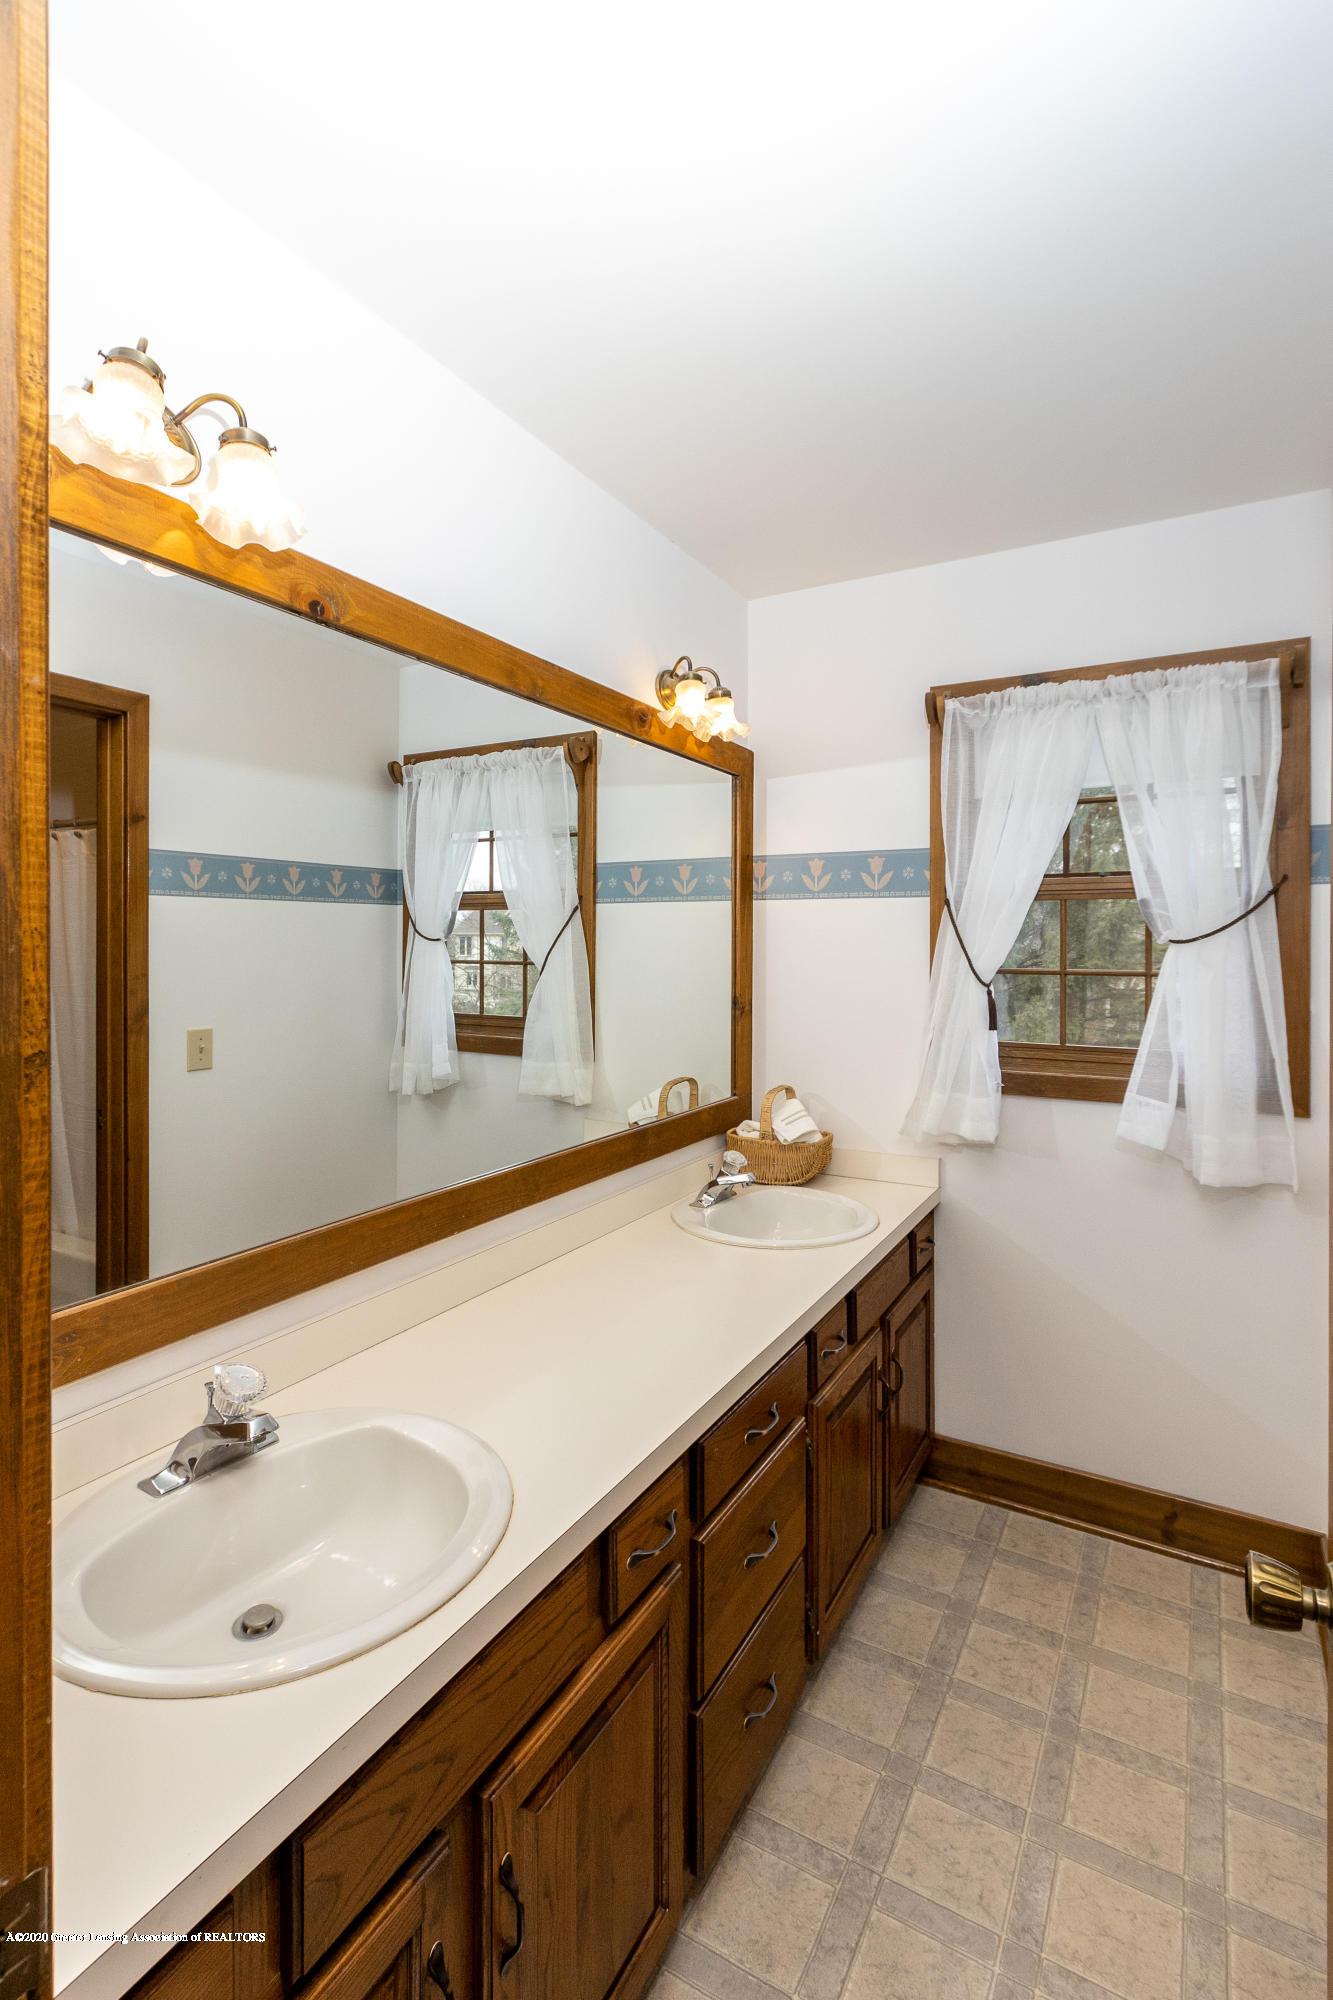 3945 Breckinridge Dr - Upper Level Full Bathroom - 39